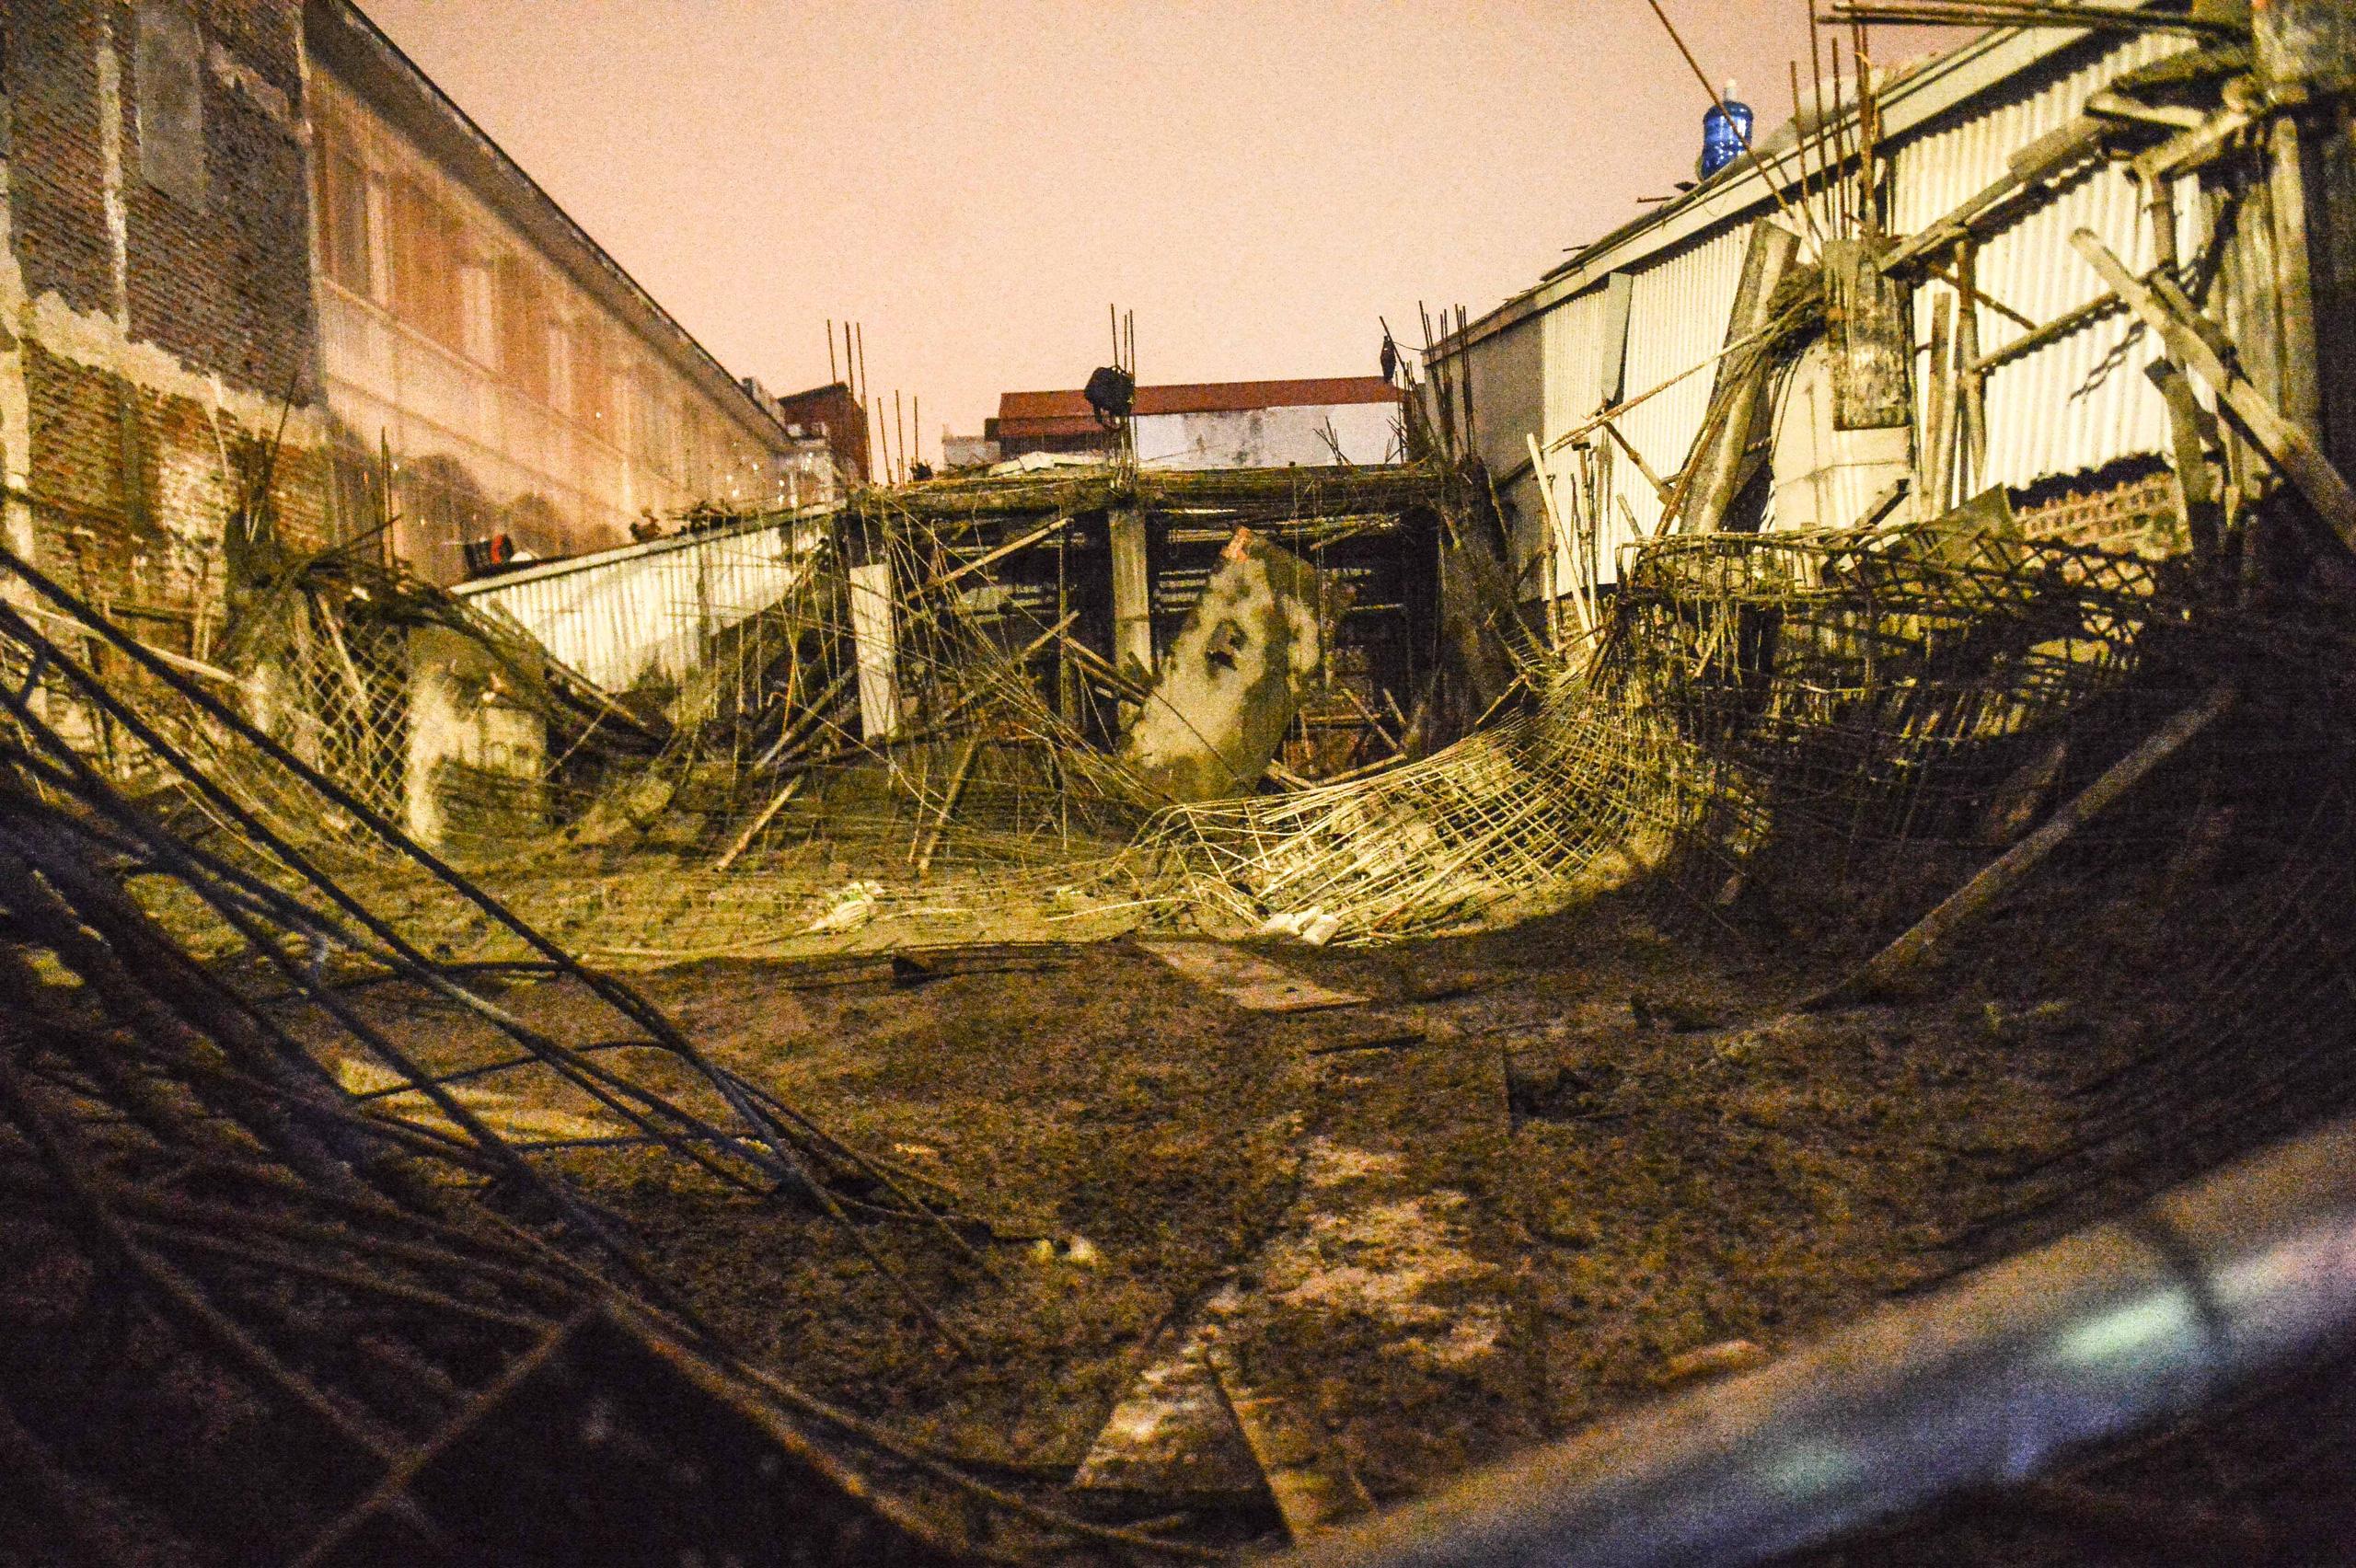 Cận cảnh hiện trường vụ sập giàn giáo trên đường Phạm Văn Đồng ở Hà Nội - 15